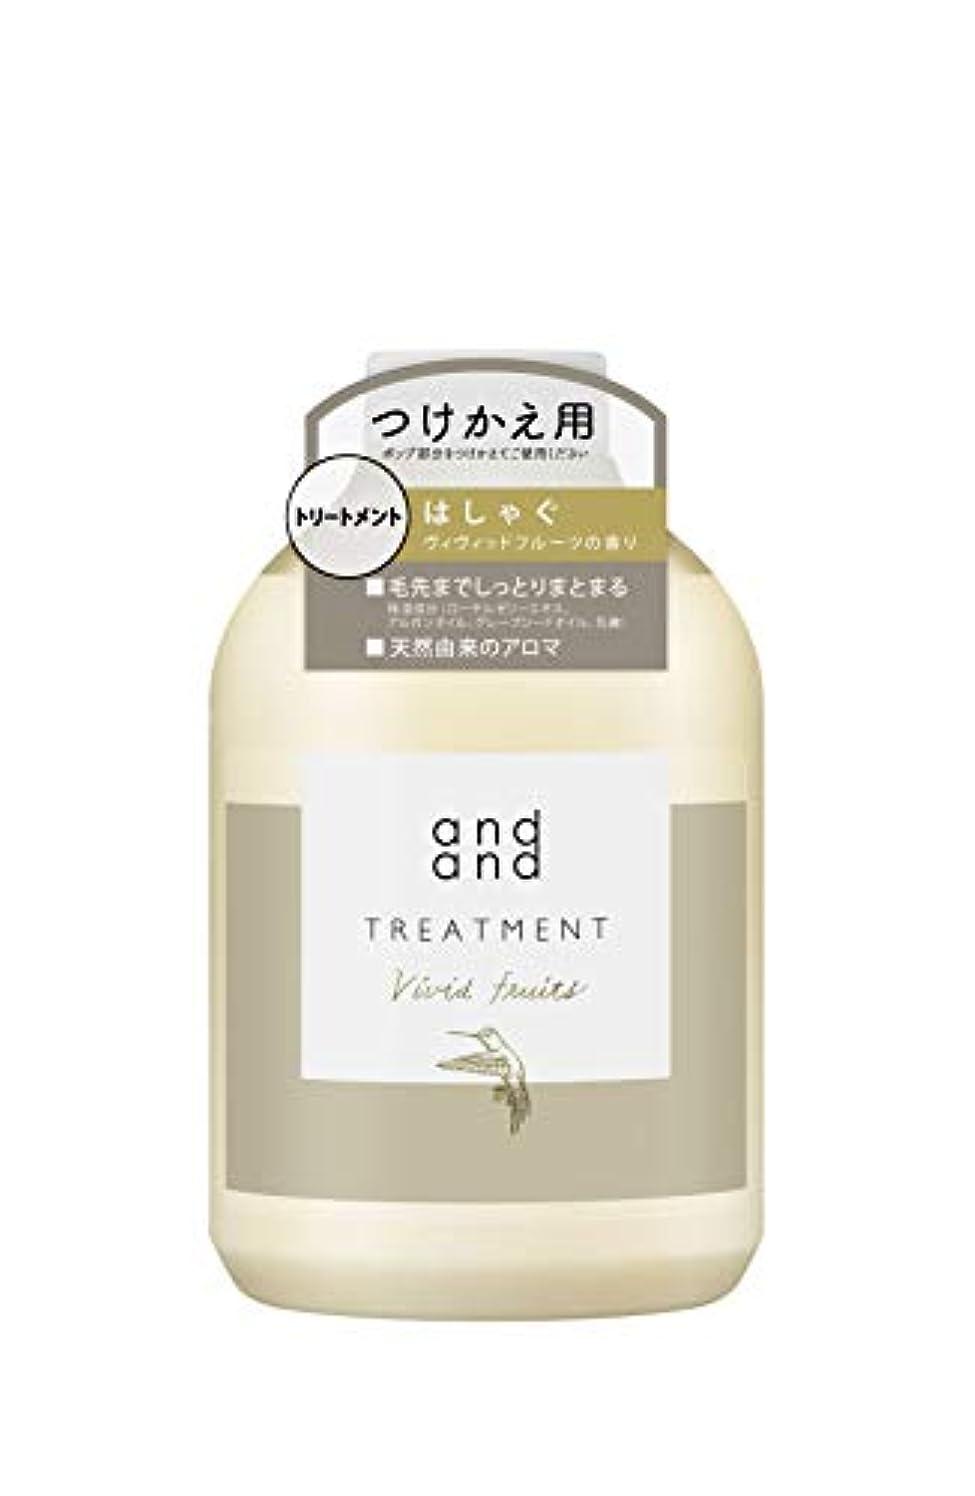 トリップスマイル対andand(アンドアンド) はしゃぐ[ノンシリコーン処方] トリートメント ヴィヴィッドフルーツの香り 詰替え用 480ml